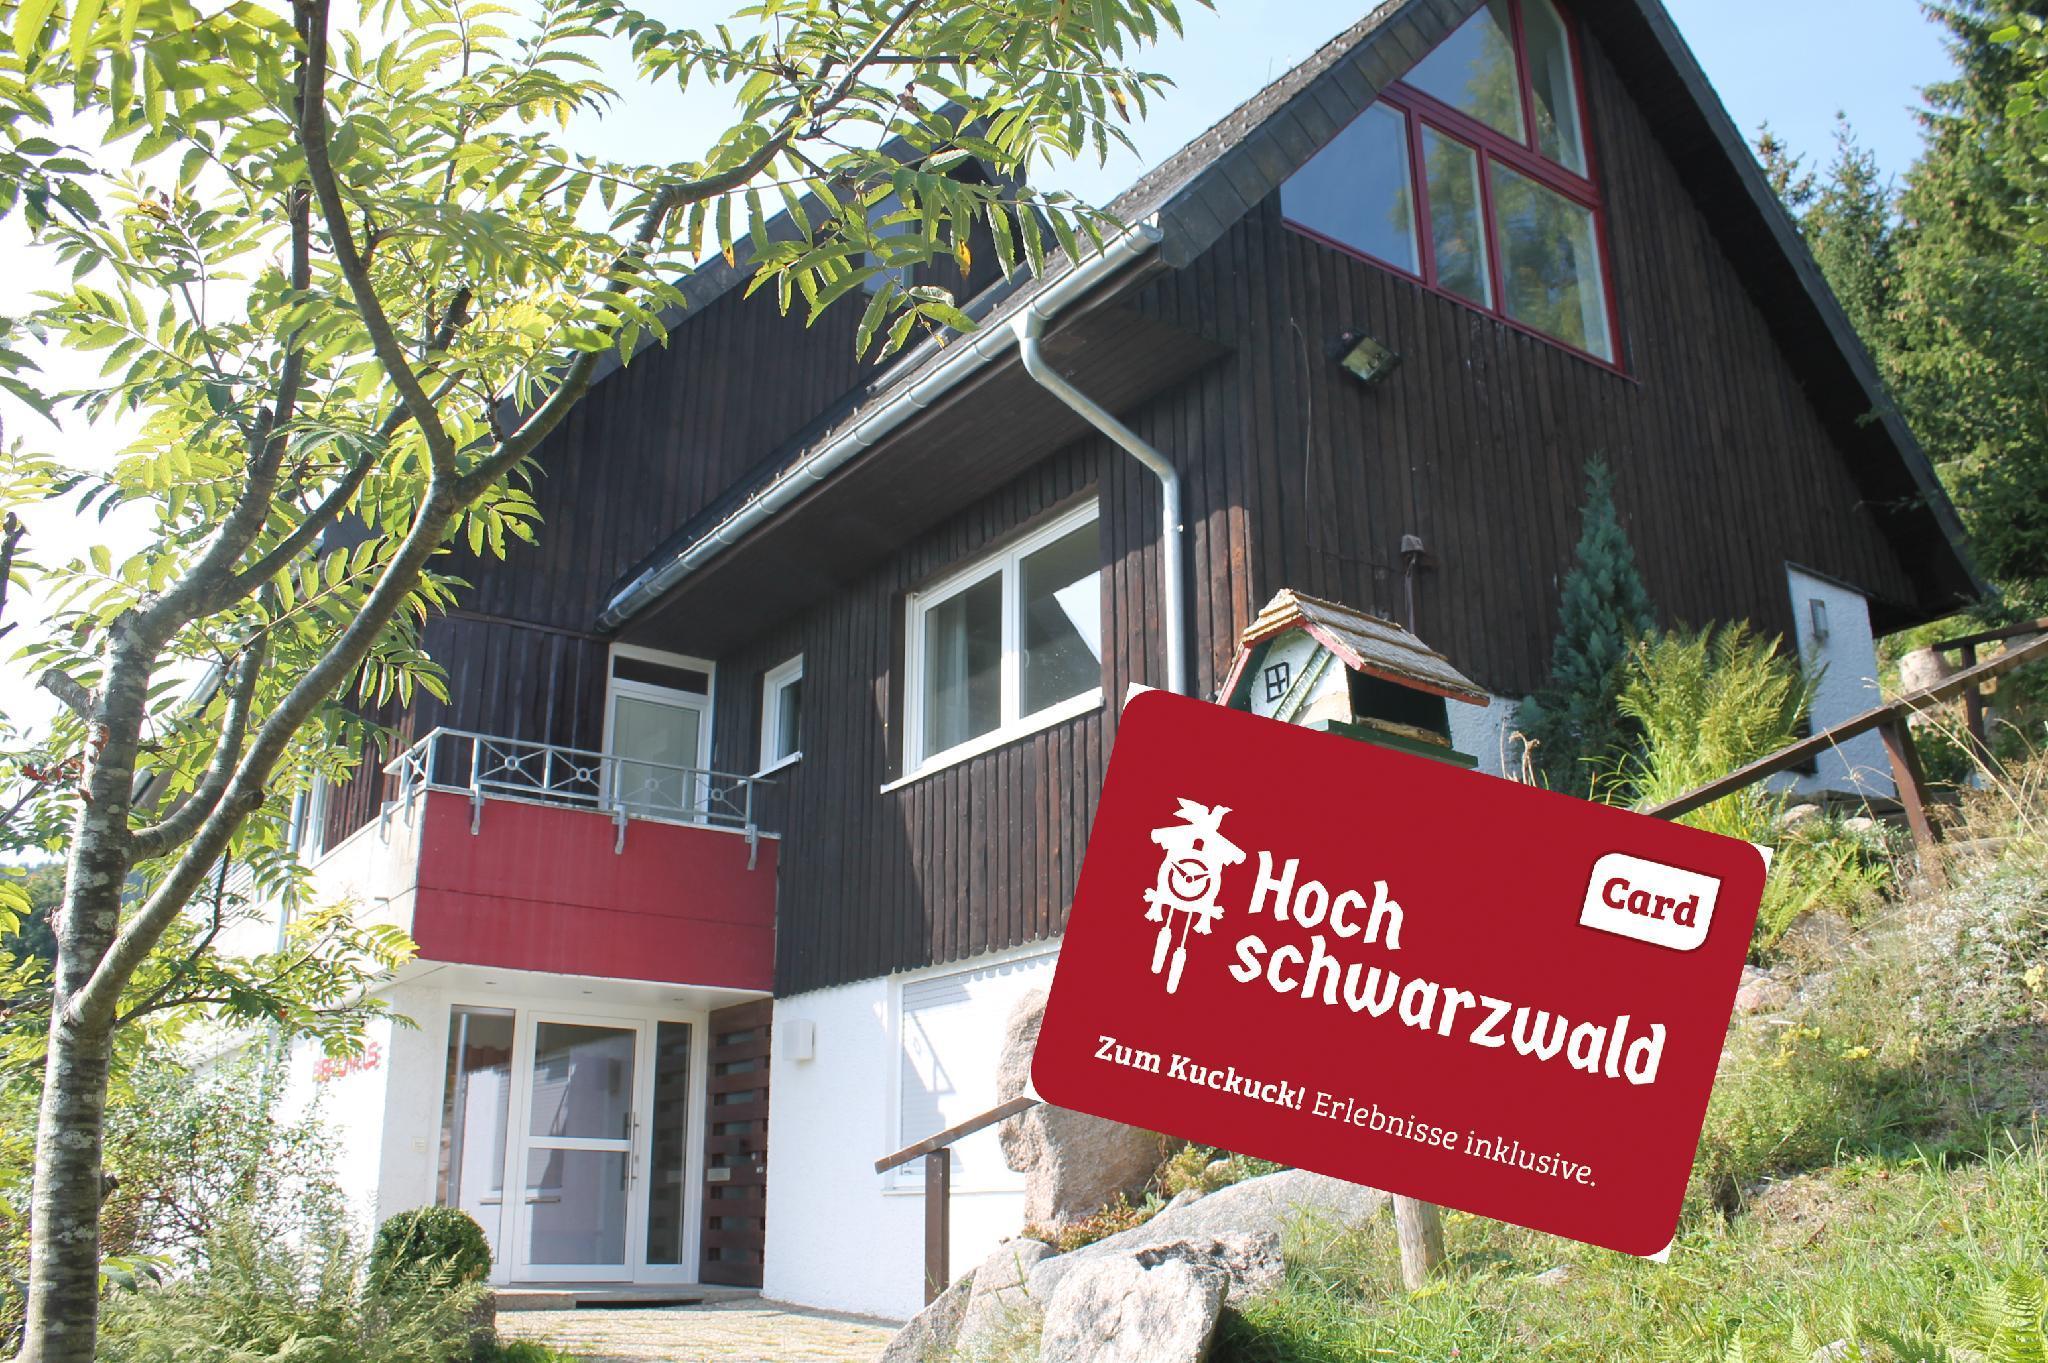 2 Raum FERIENWOHNUNG In Baerental Hochschwarzwald